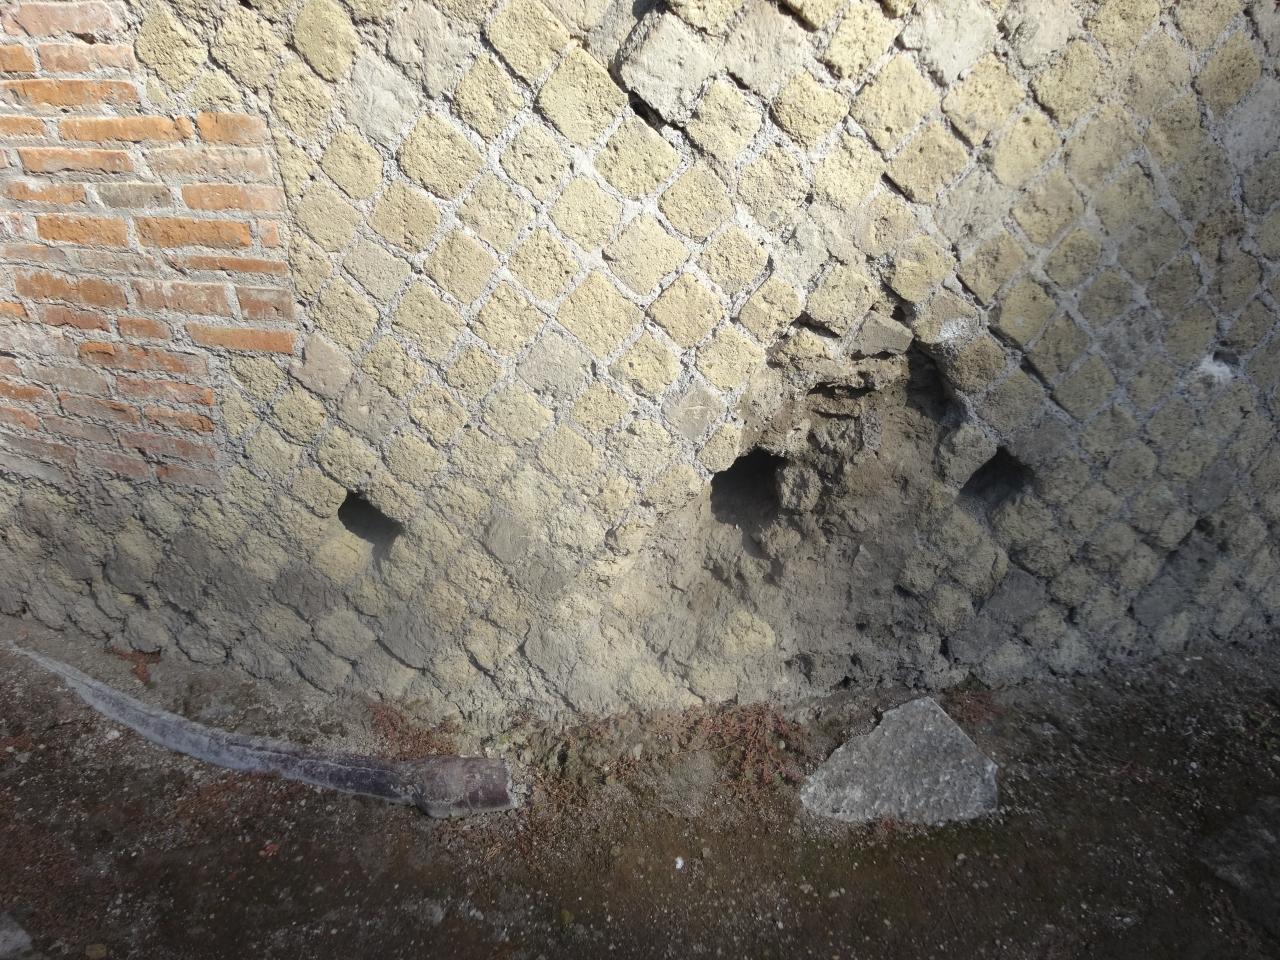 ポンペイ、ヘルクラネウム及びトッレ・アンヌンツィアータの遺跡地域の画像 p1_13